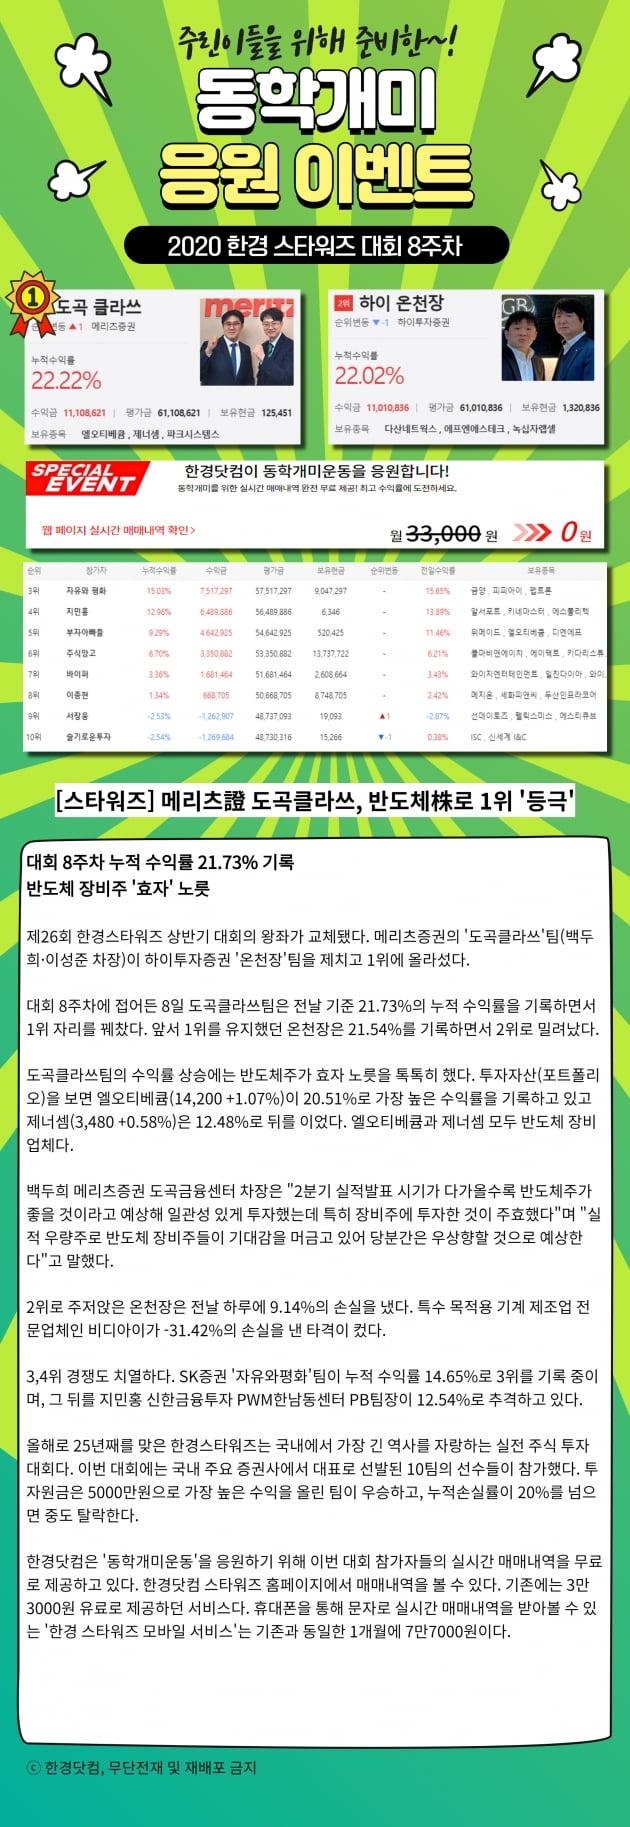 [2020스타워즈] 1위 경쟁 치열!! 메리츠증권 '도곡클라쓰' 선두!!